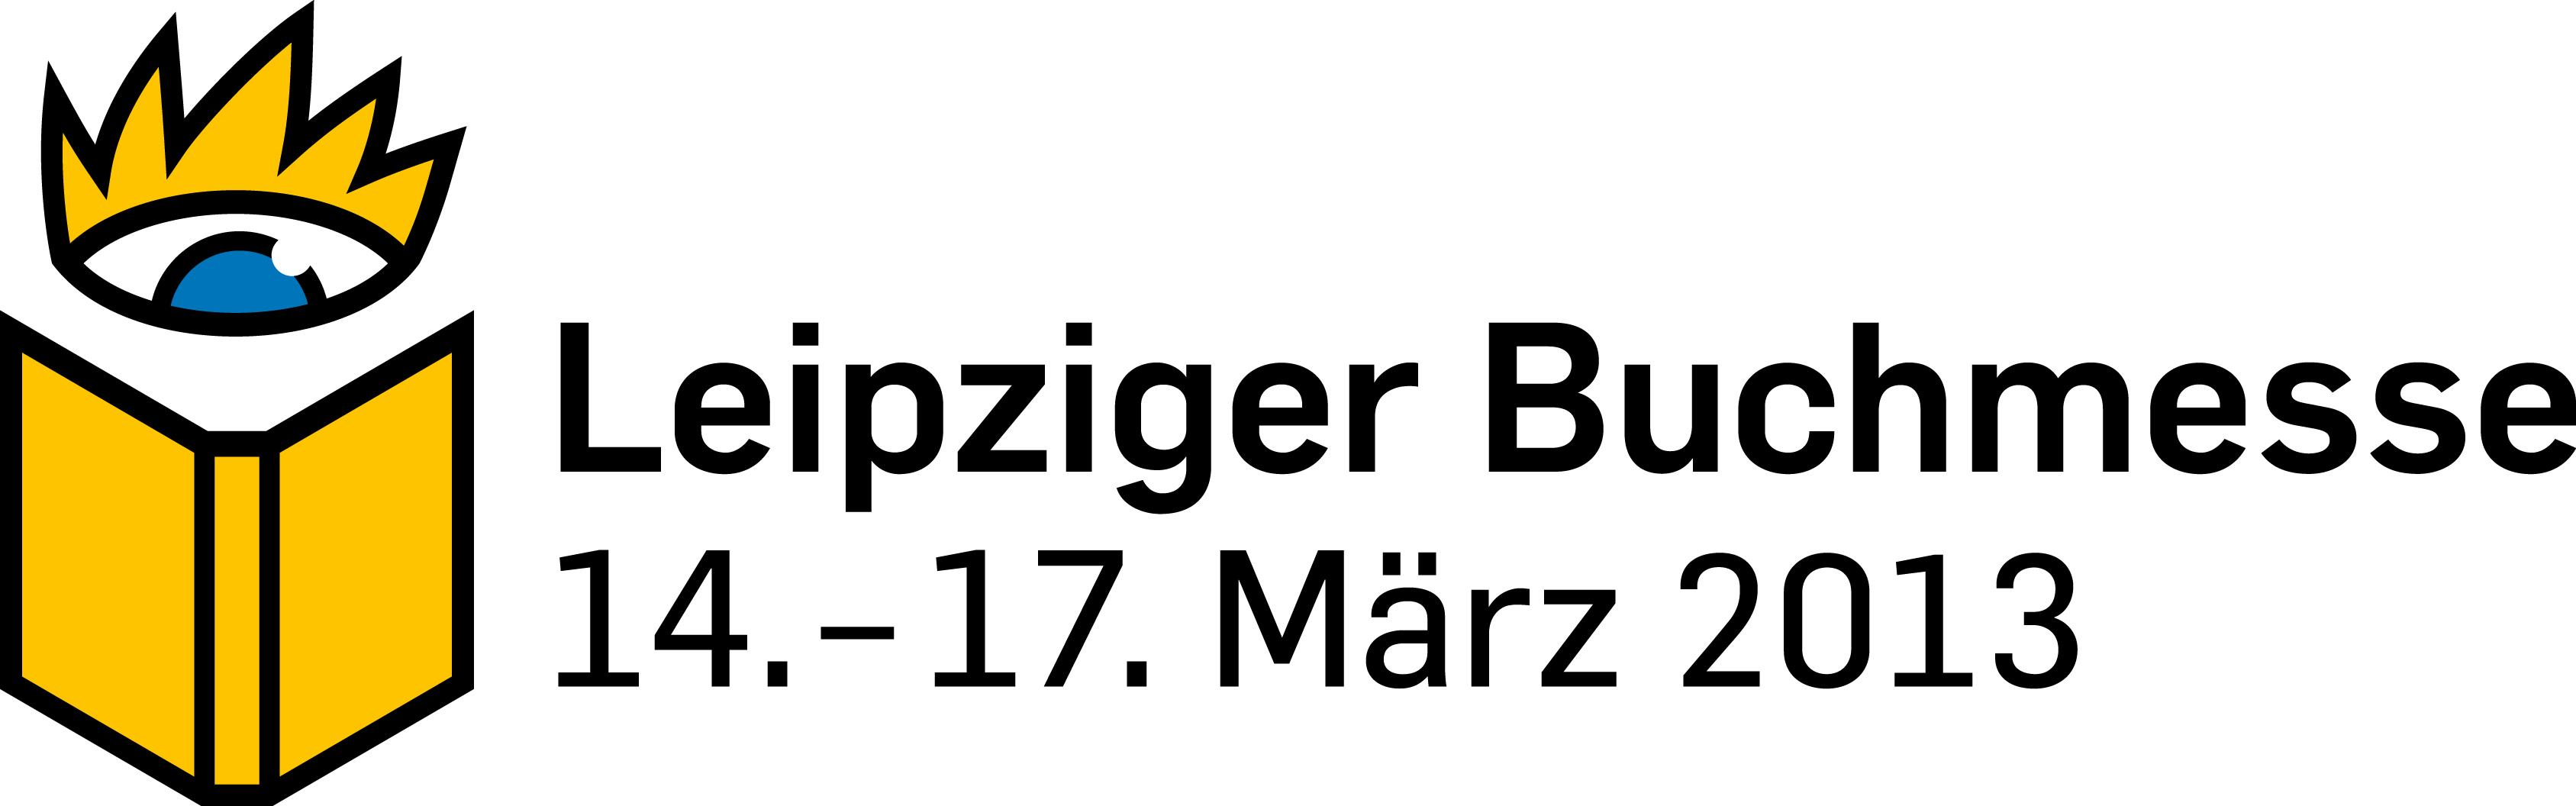 Symbolik rund ums Auge - Seite 2 Leipziger%20buchmesse%202013_logo